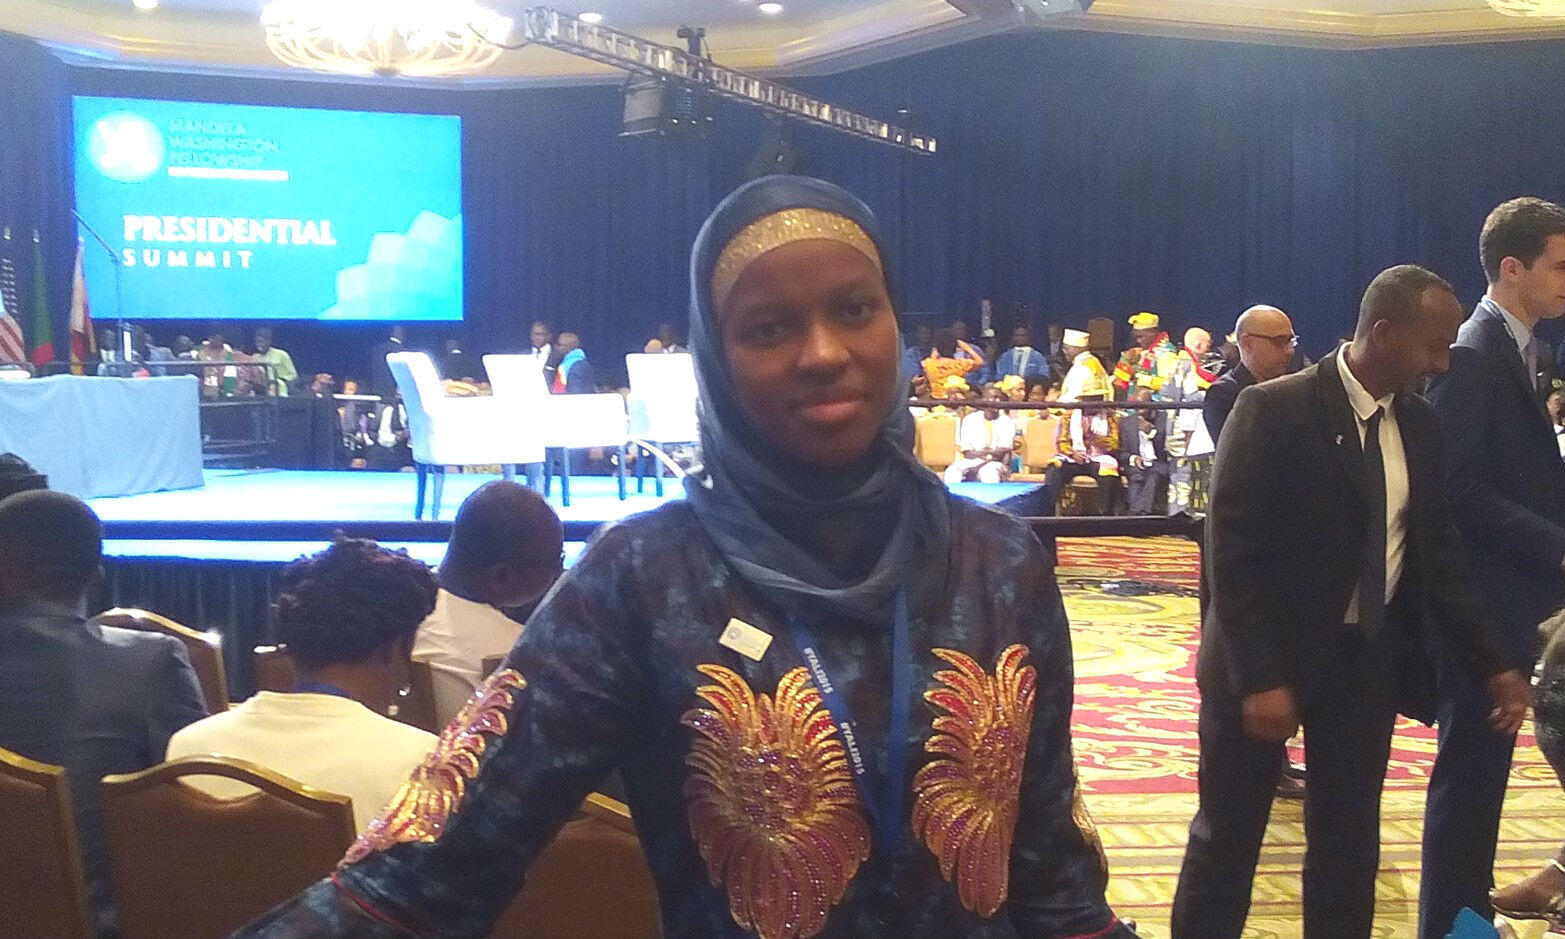 Kadijah Diallo, le jour du discours du président américain à Washington, le 3 août 2015. Toutes les photos ont été envoyées par Kadijah Diallo.